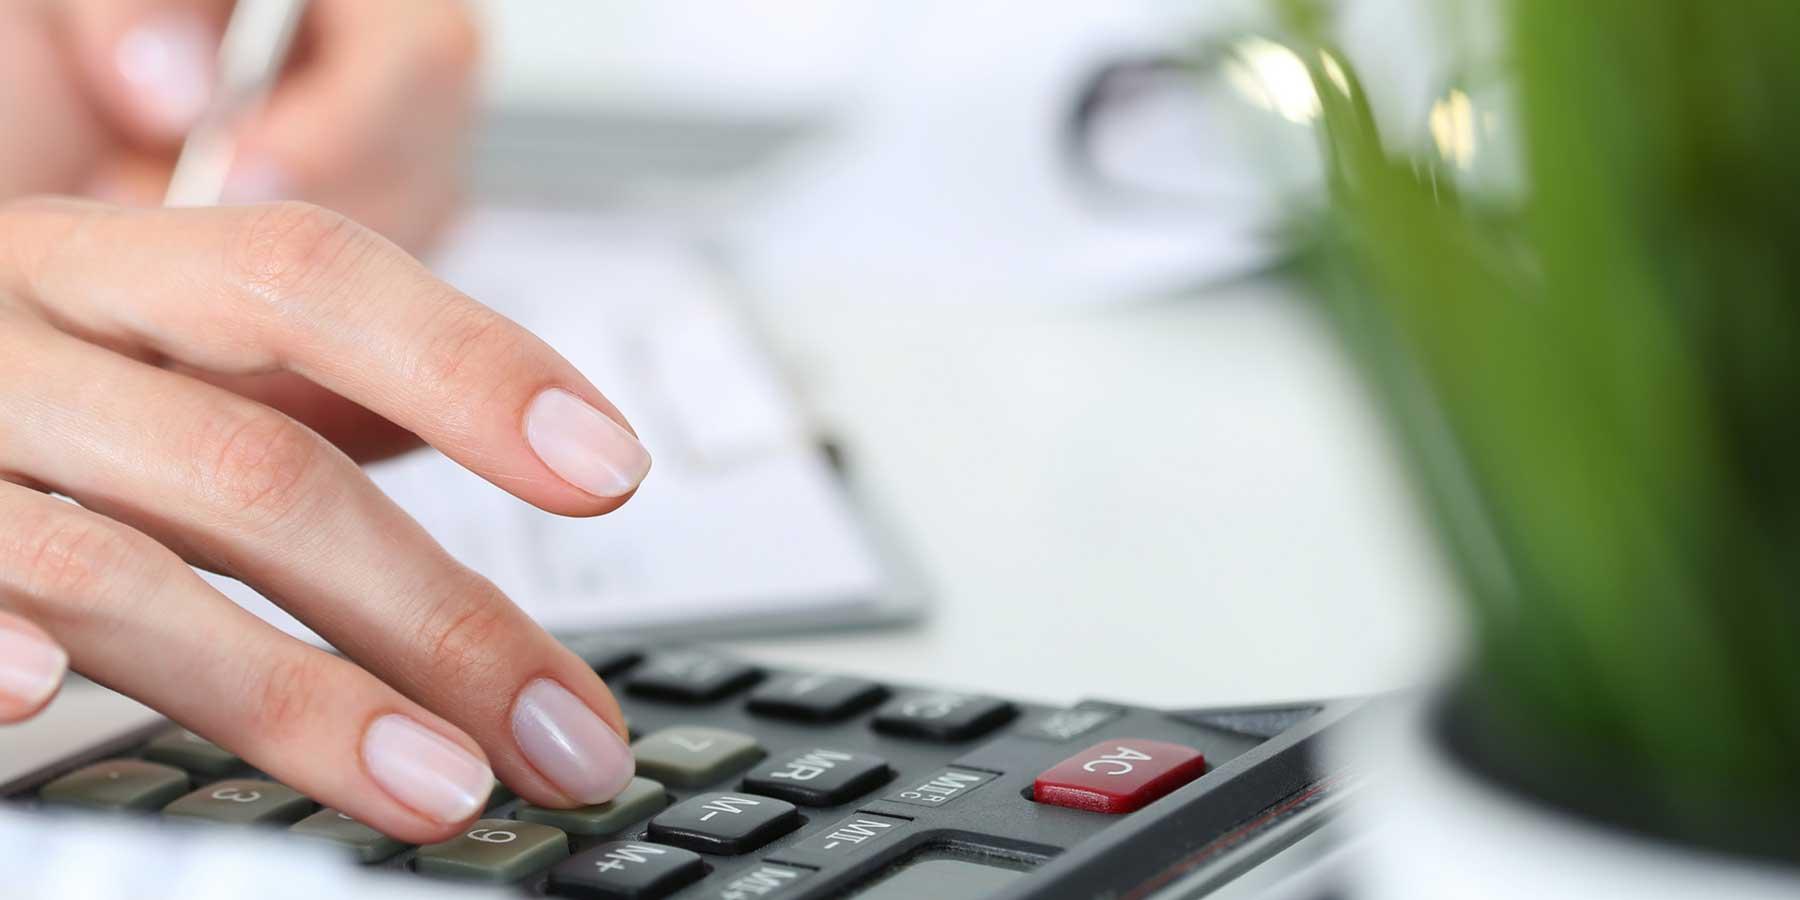 Strafgebühr bei vorzeitiger Kreditkündigung berechnen